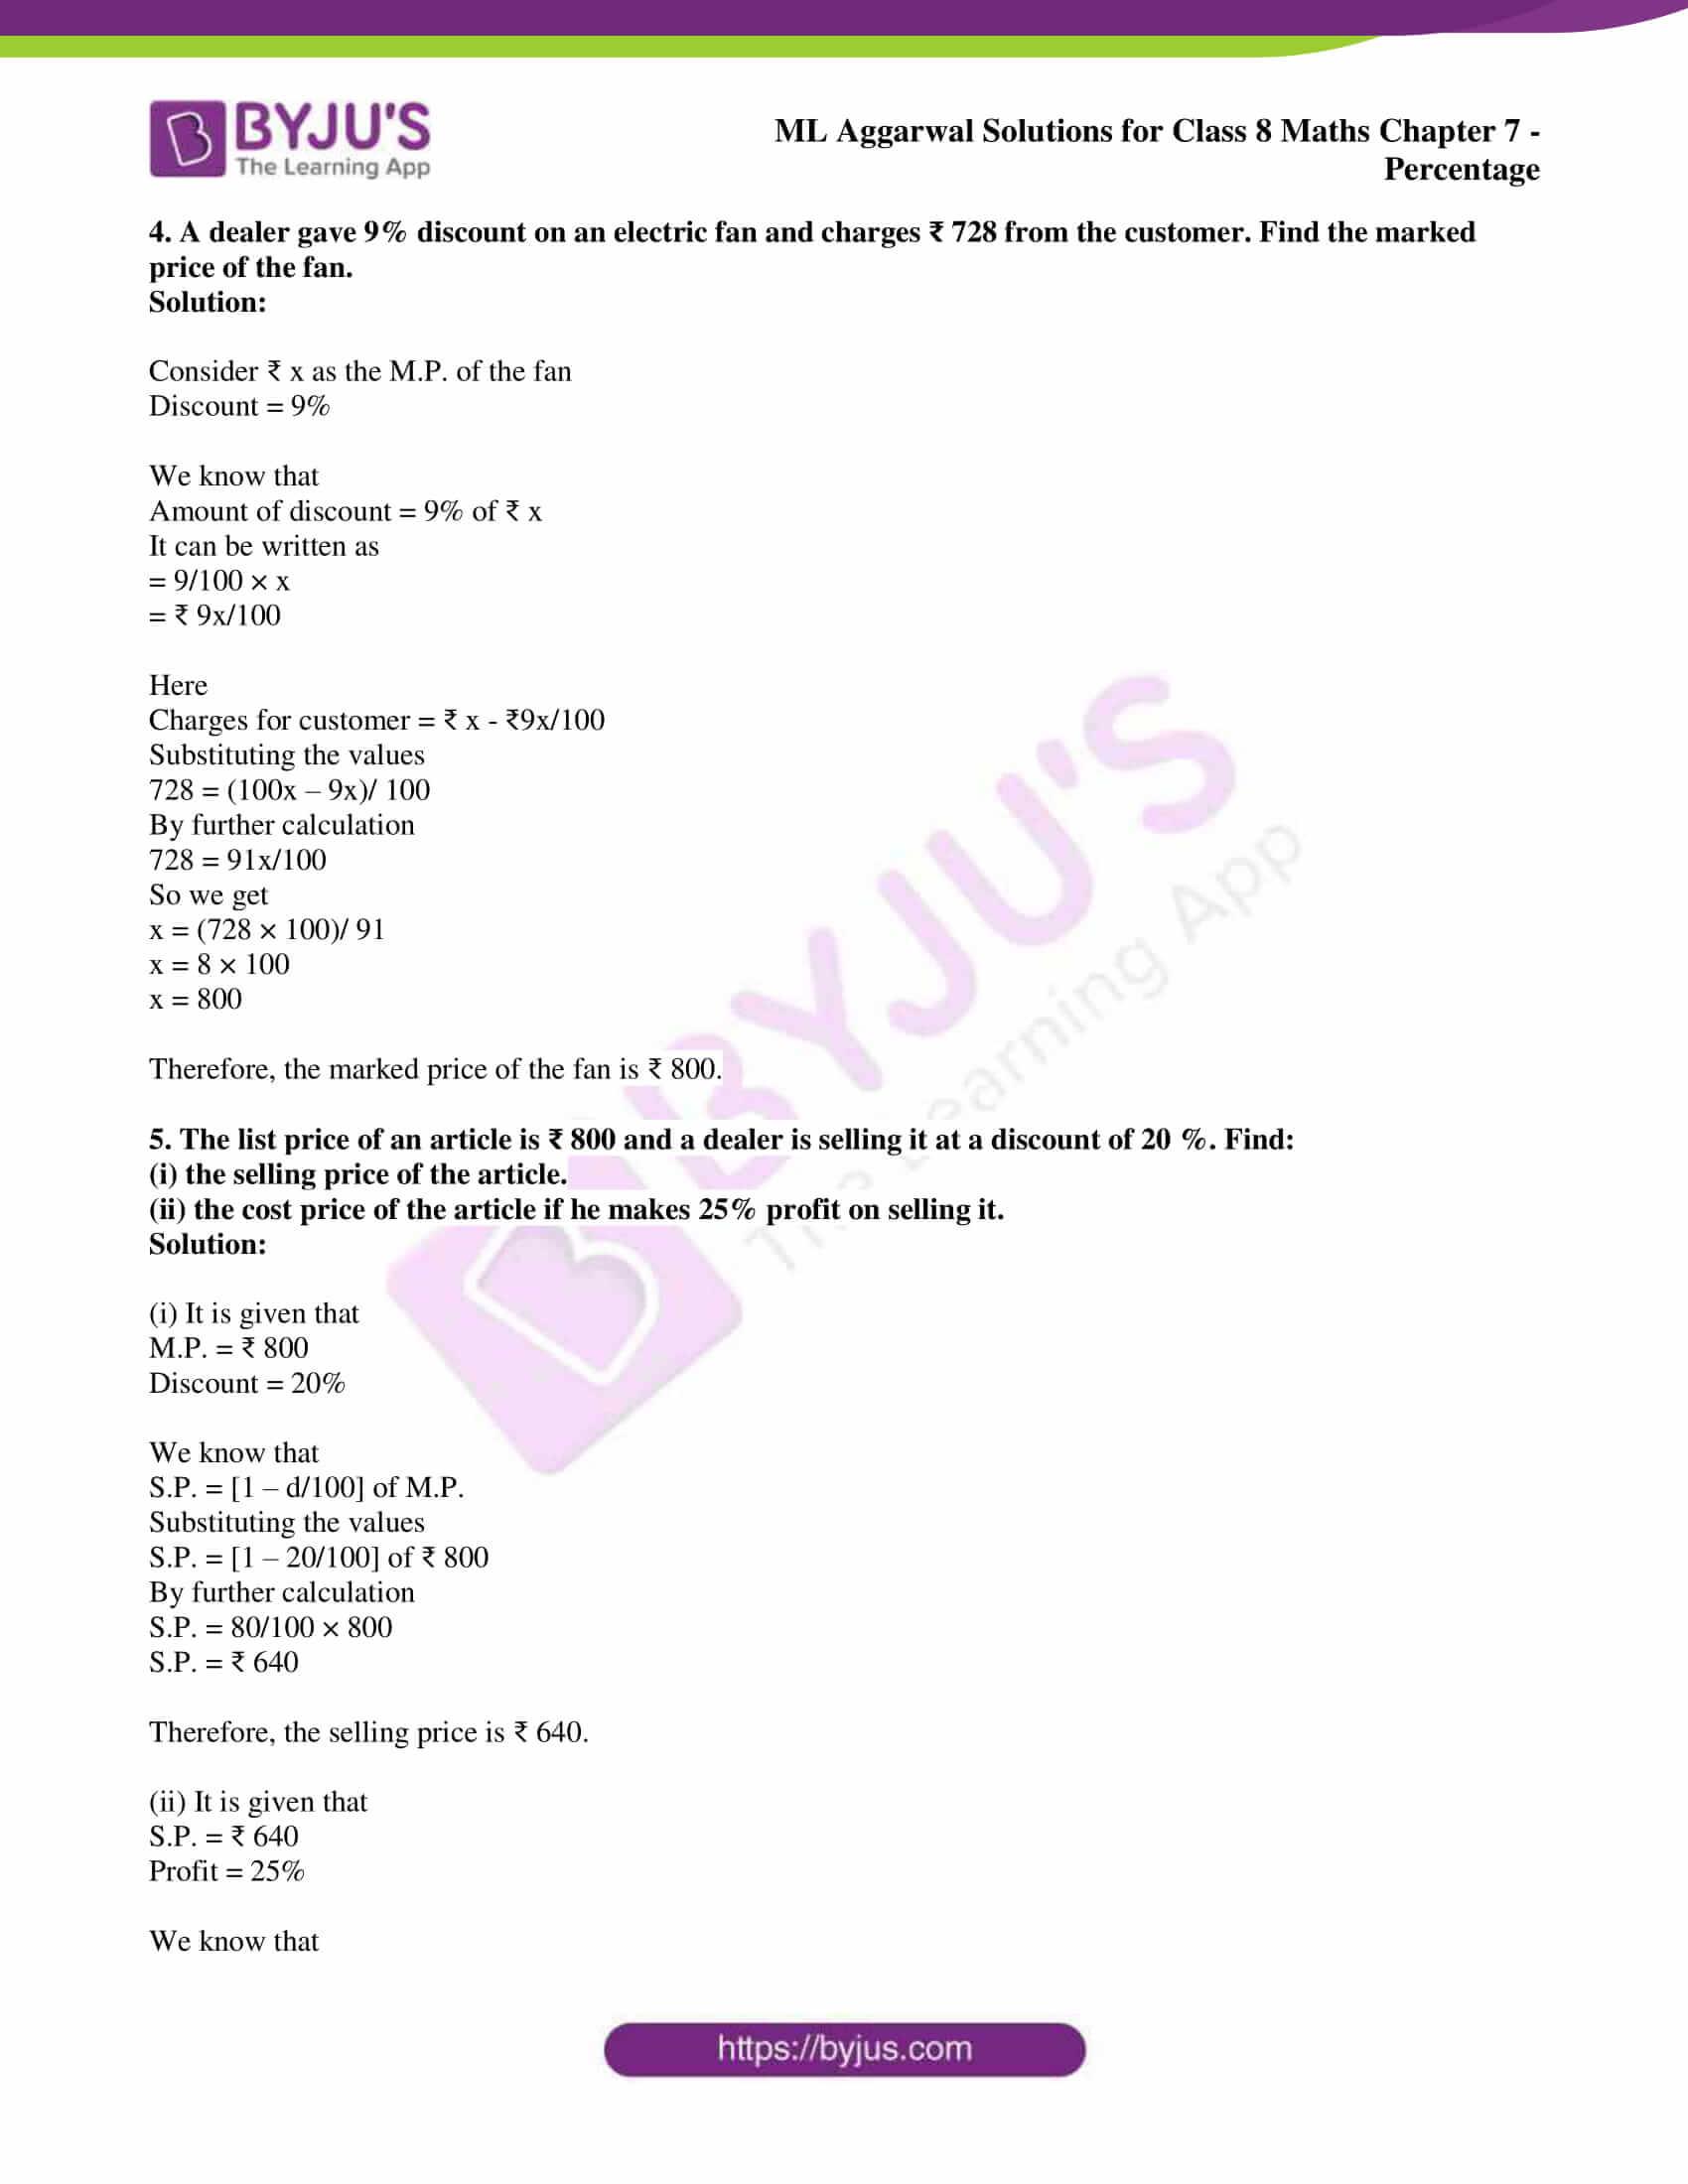 ml aggarwal sol mathematics class 8 ch 7 25